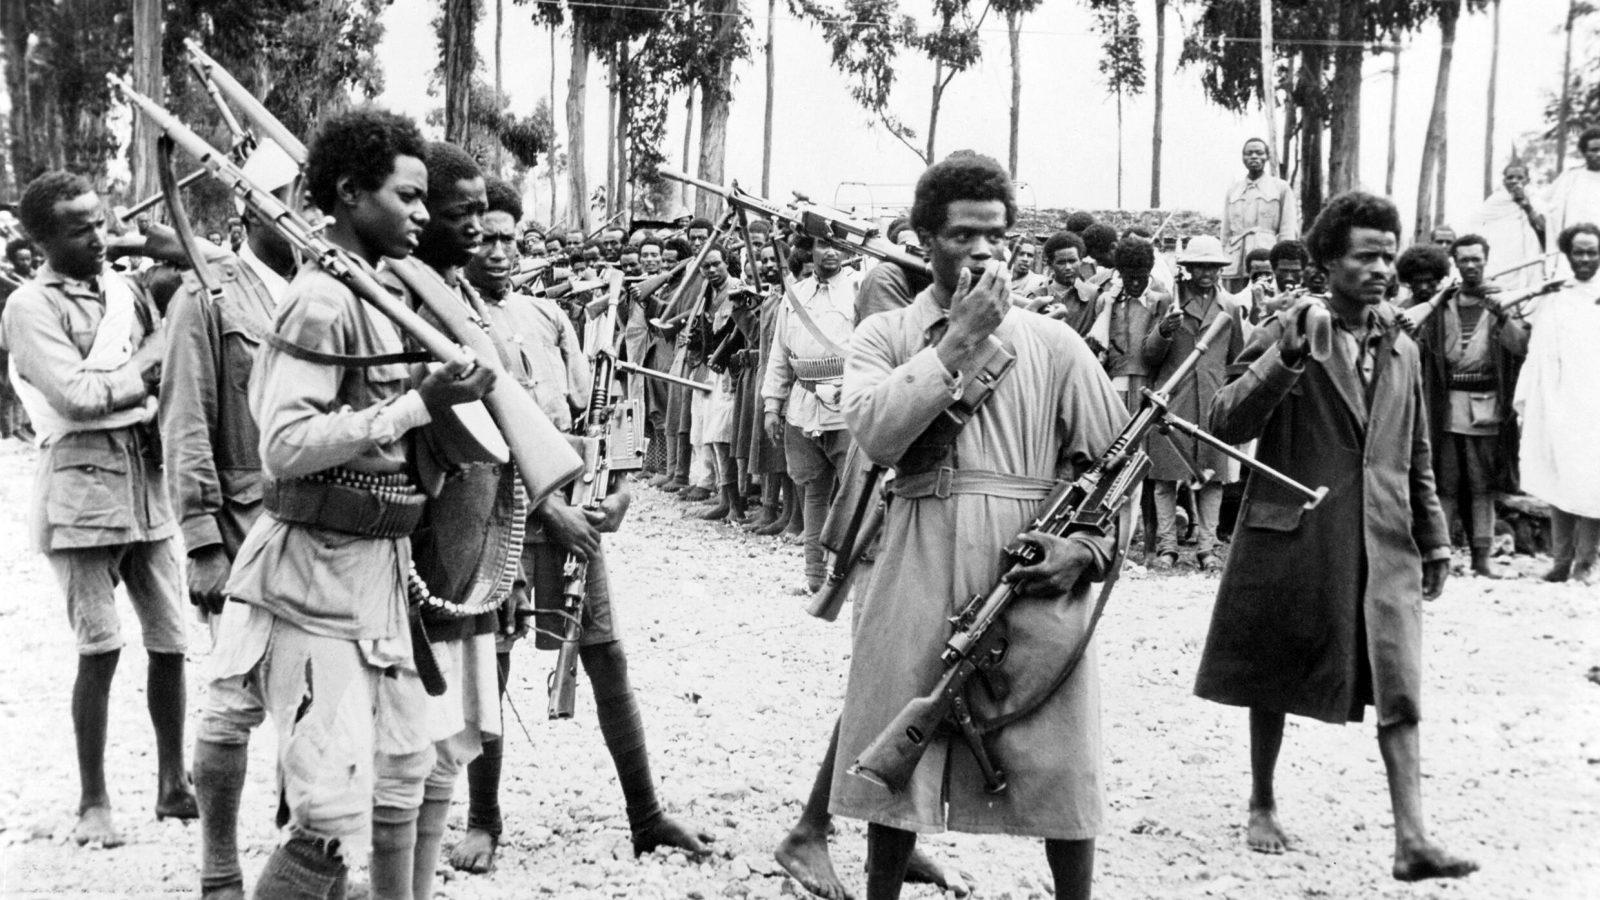 Soldati etiopi ad Addis Abeba ascoltano il proclama che annuncia il ritorno nella capitale dell'imperatore, maggio 1941